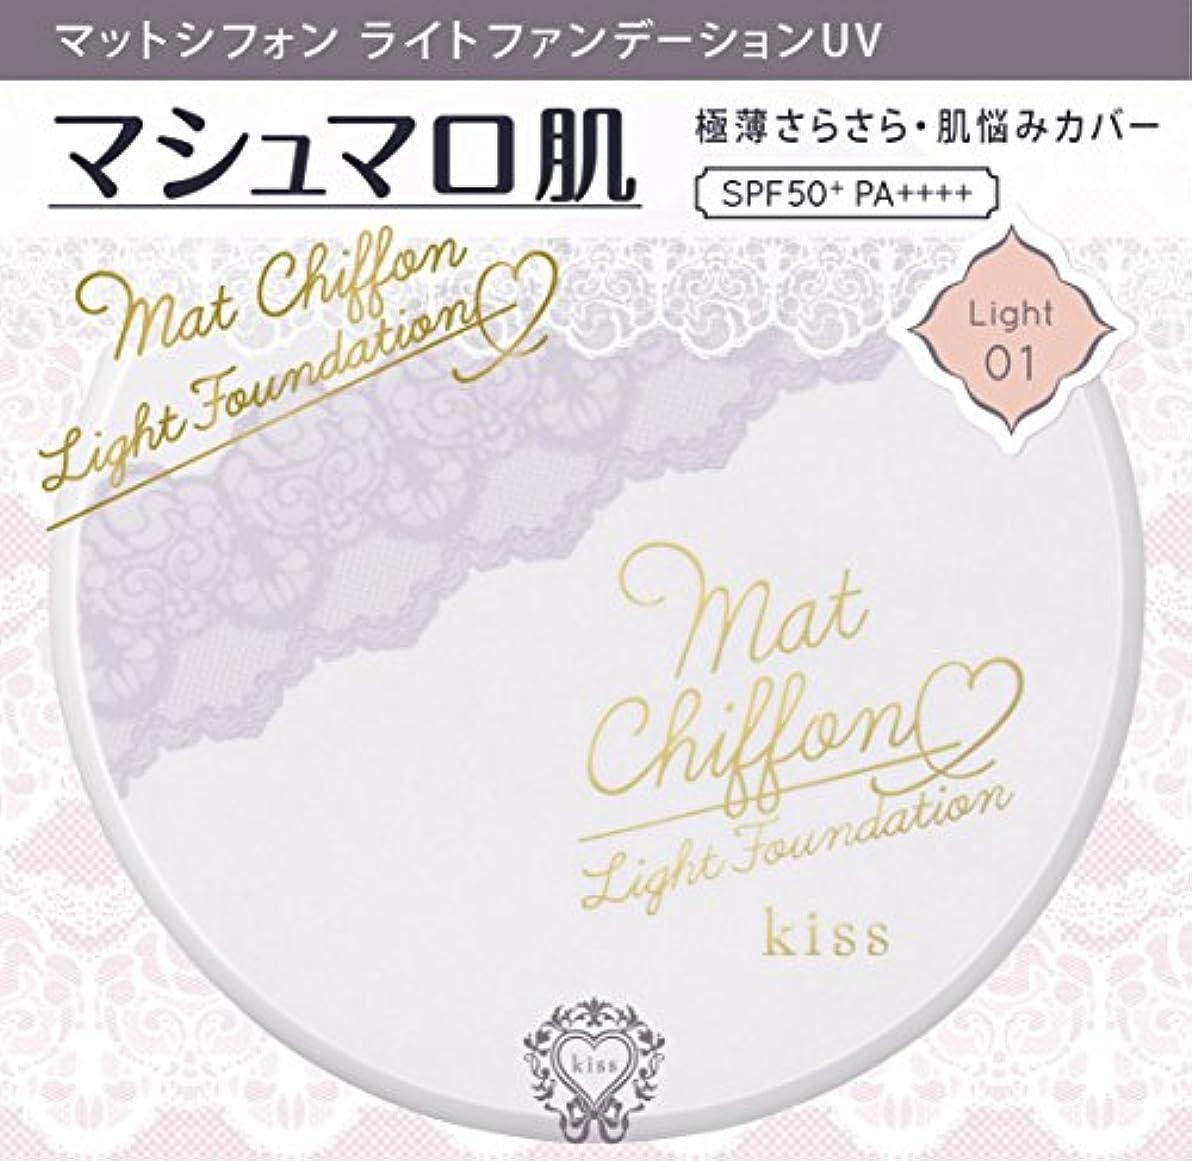 あえぎ結婚する近似キス マットシフォン ライトファンデーションUV01 ライト 10g